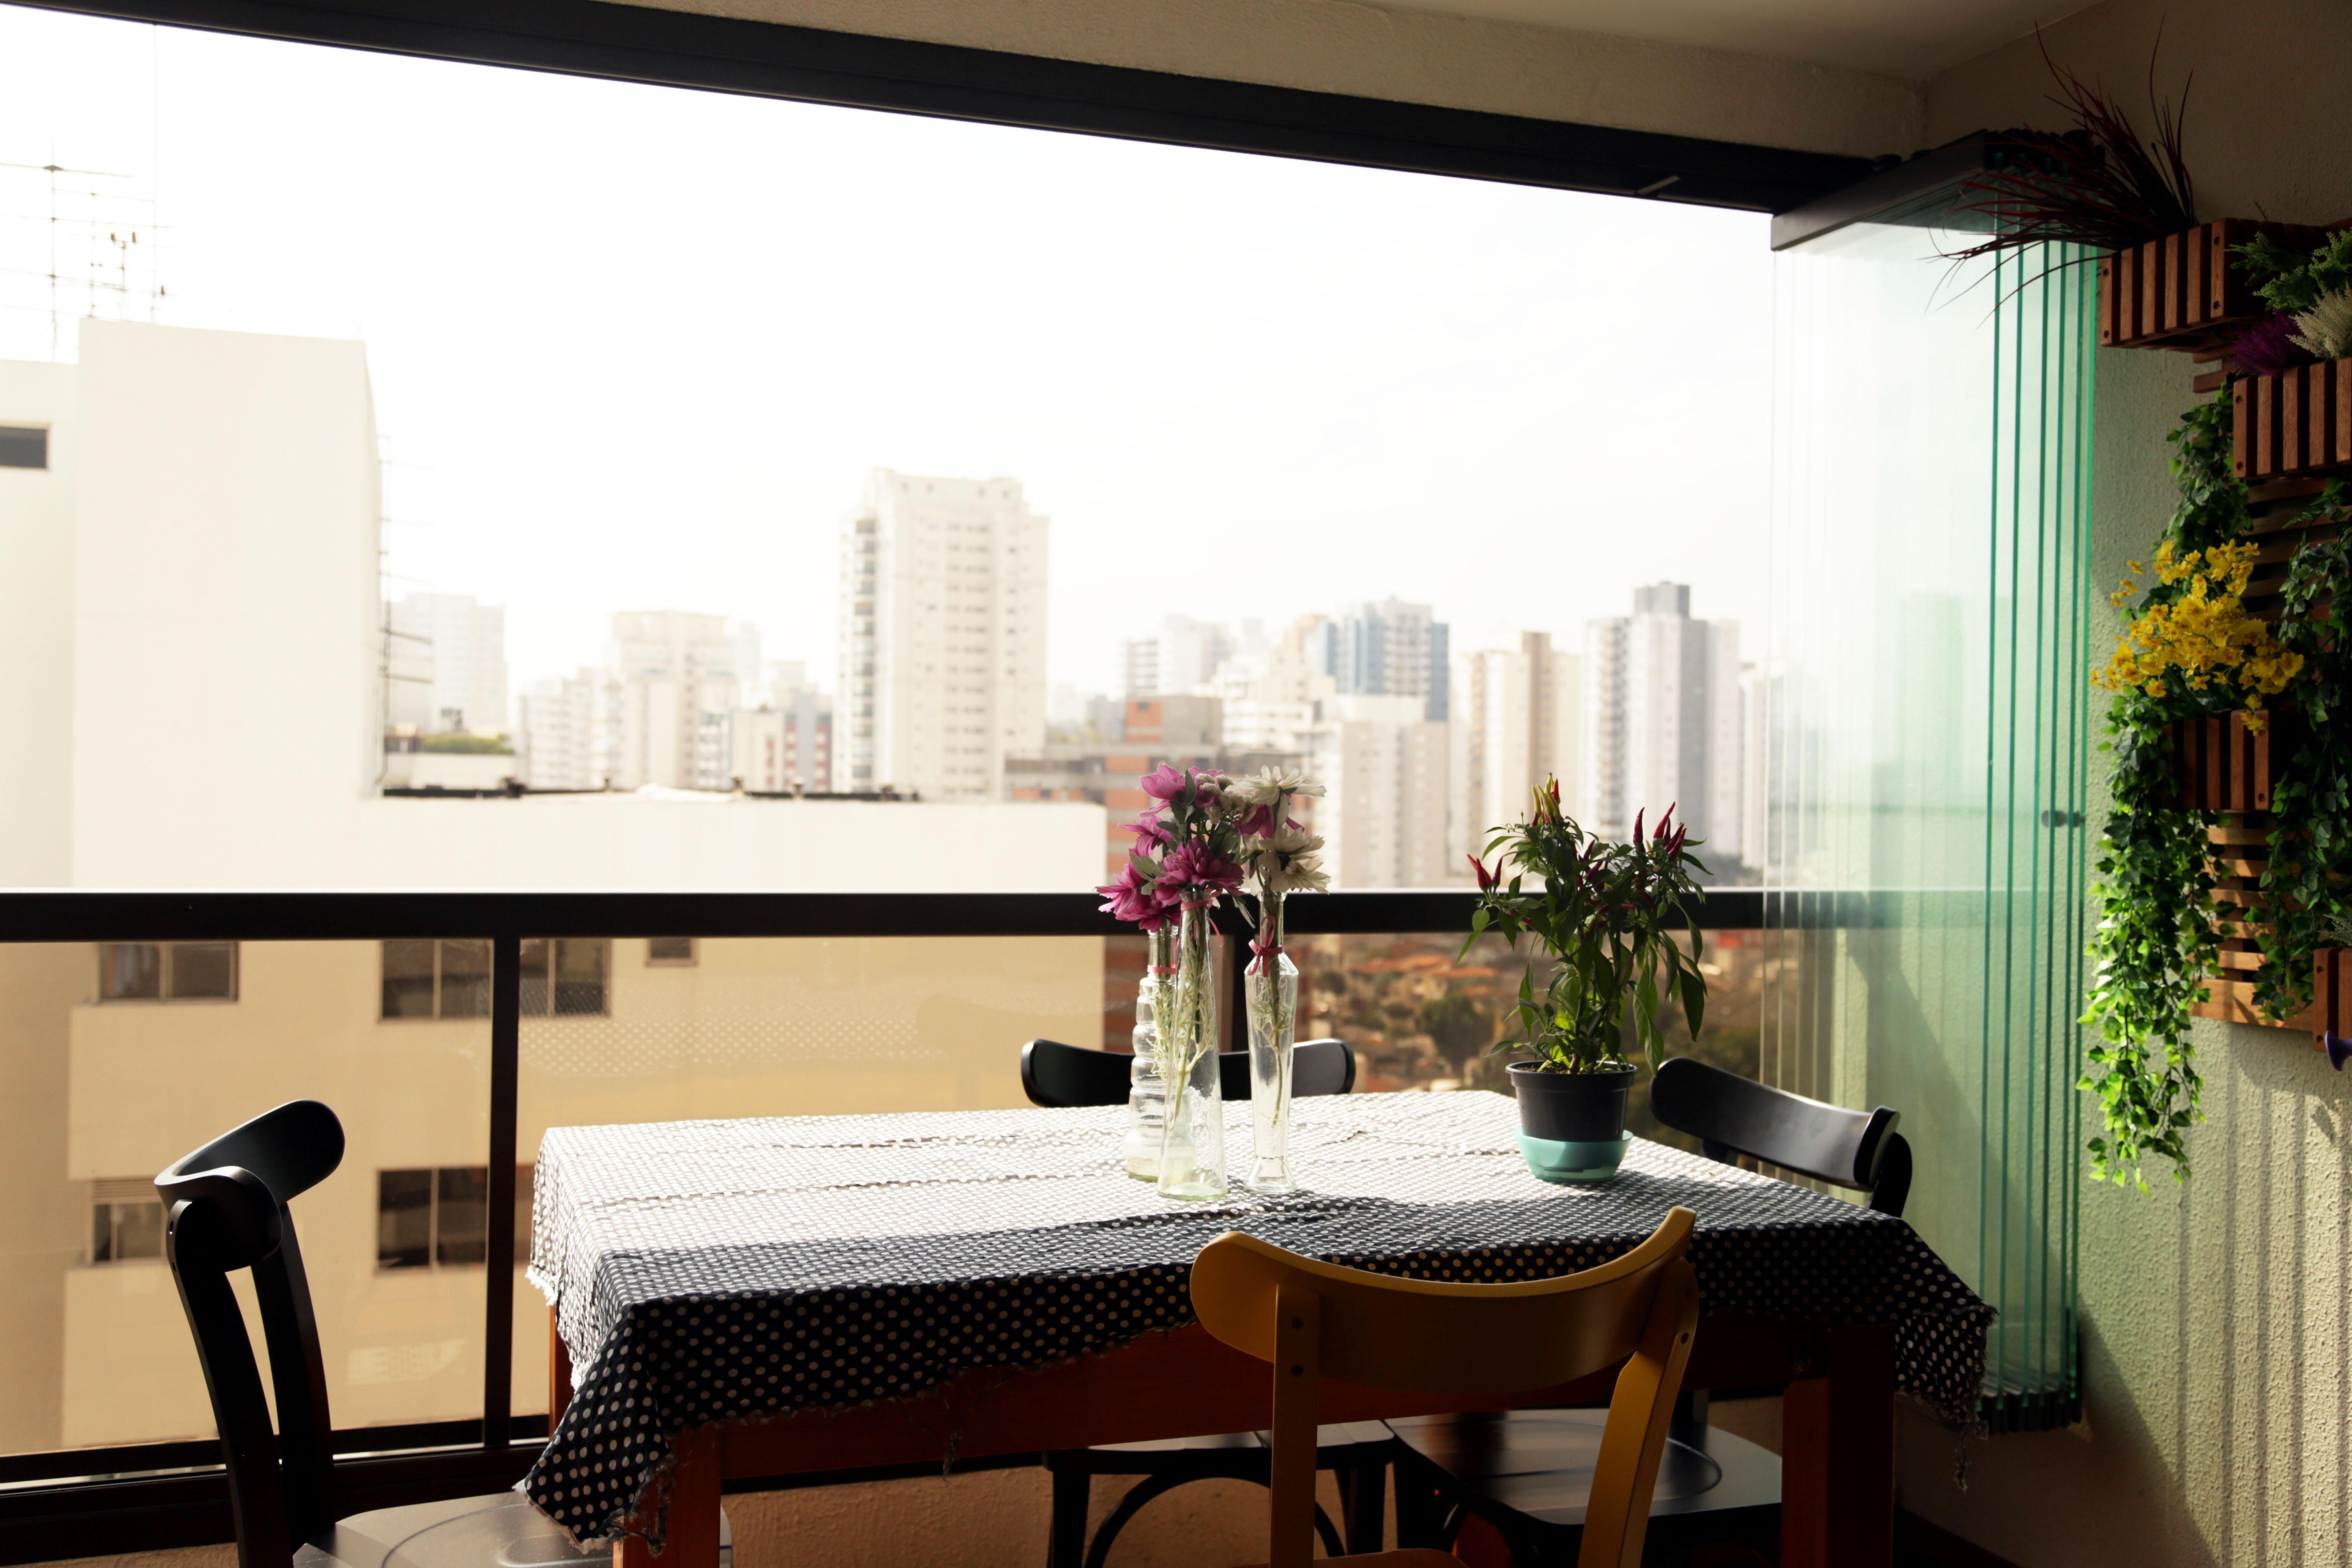 Sala De Jantar Varanda ~ Sala de jantar na varanda!  Dele & Dela